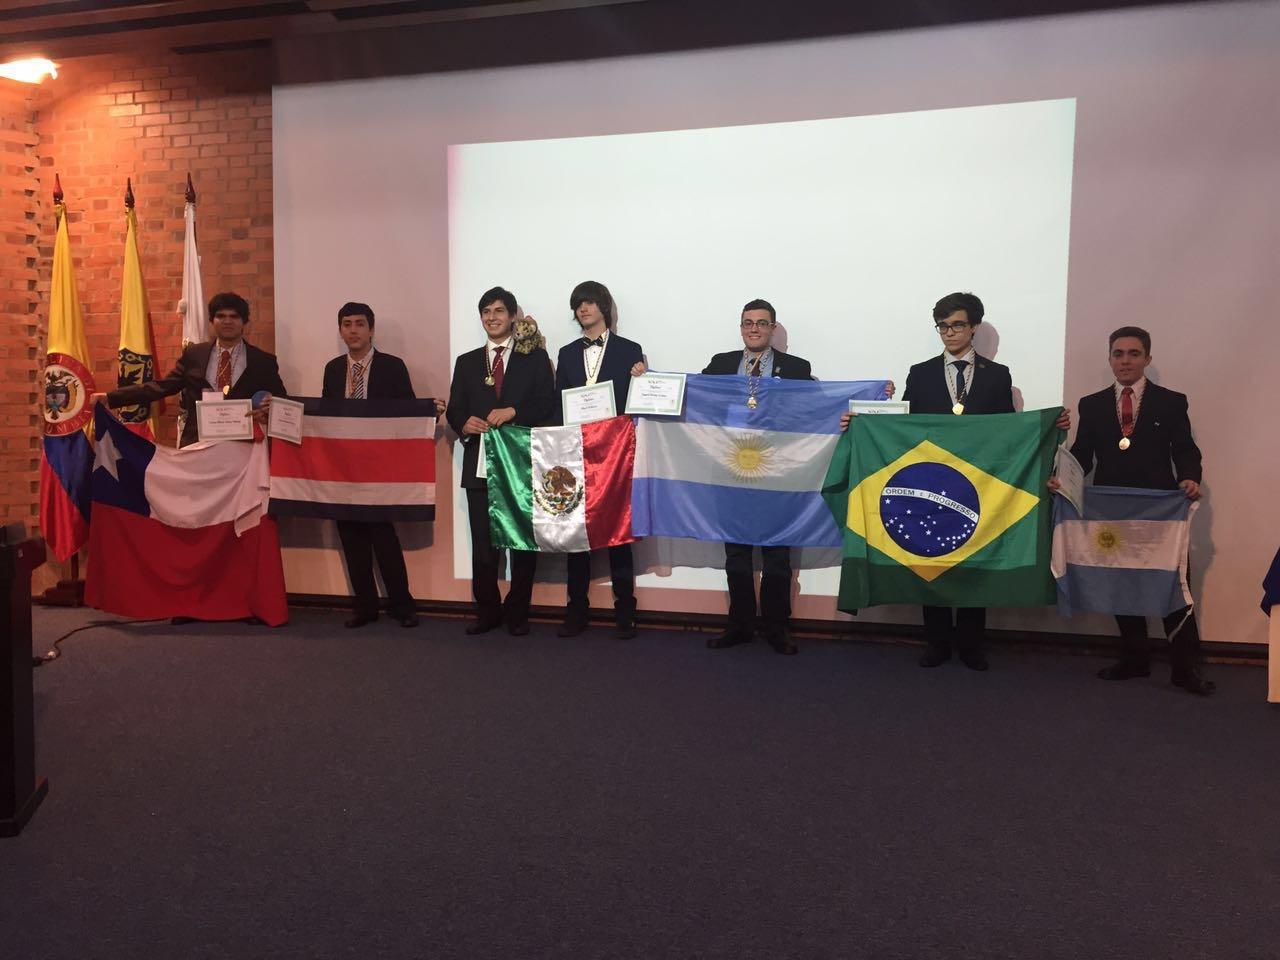 Photo of Estudiante iquiqueño se trae medalla de oro de Olimpiada Iberoamericana de Química